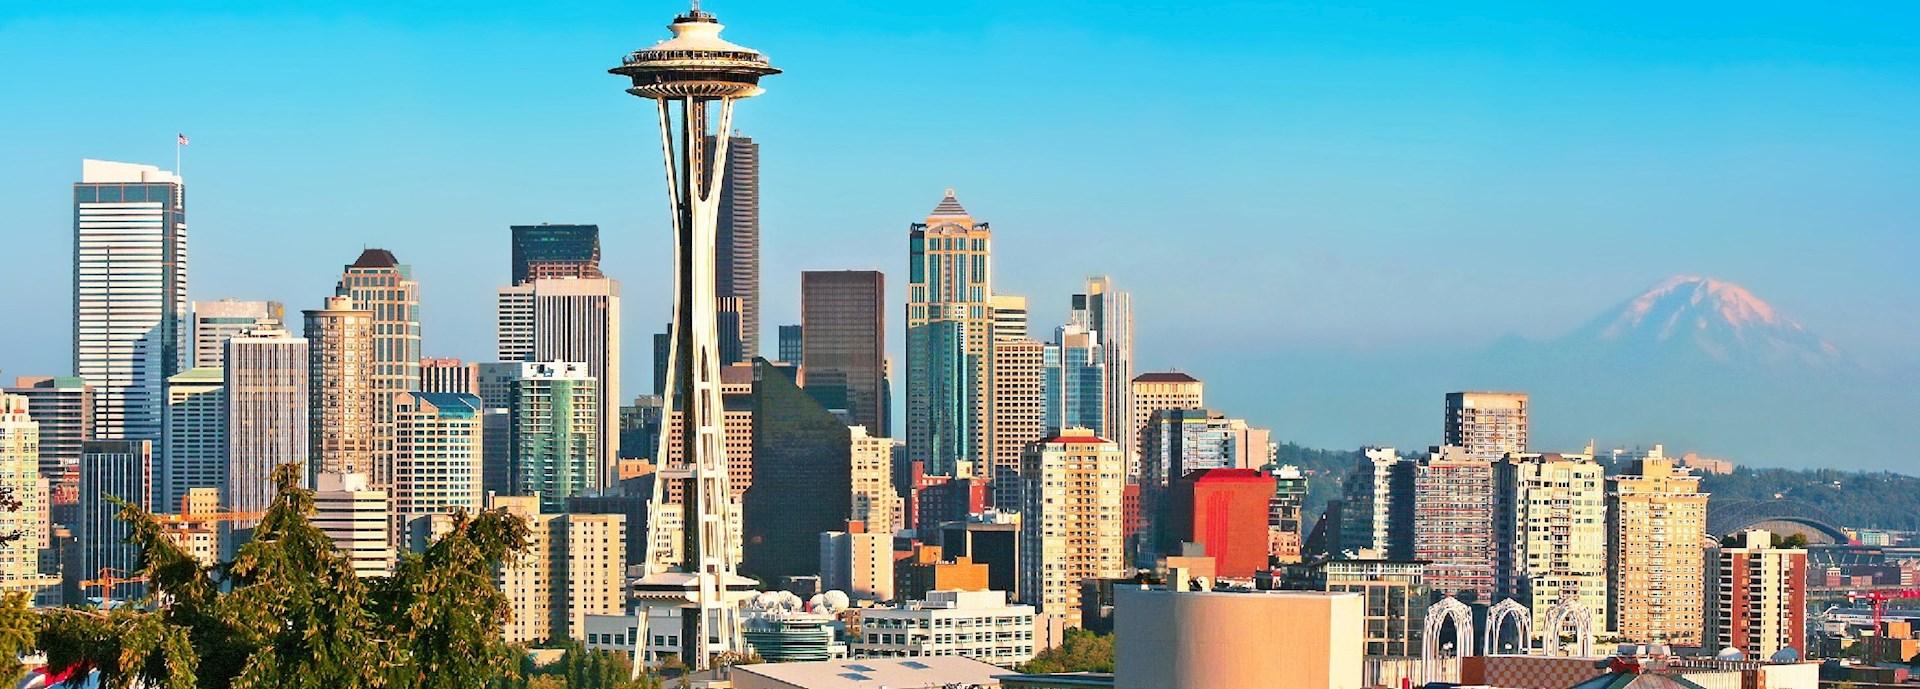 Seattle Alaska Cruise 2020 / 2021 Holiday Itinerary